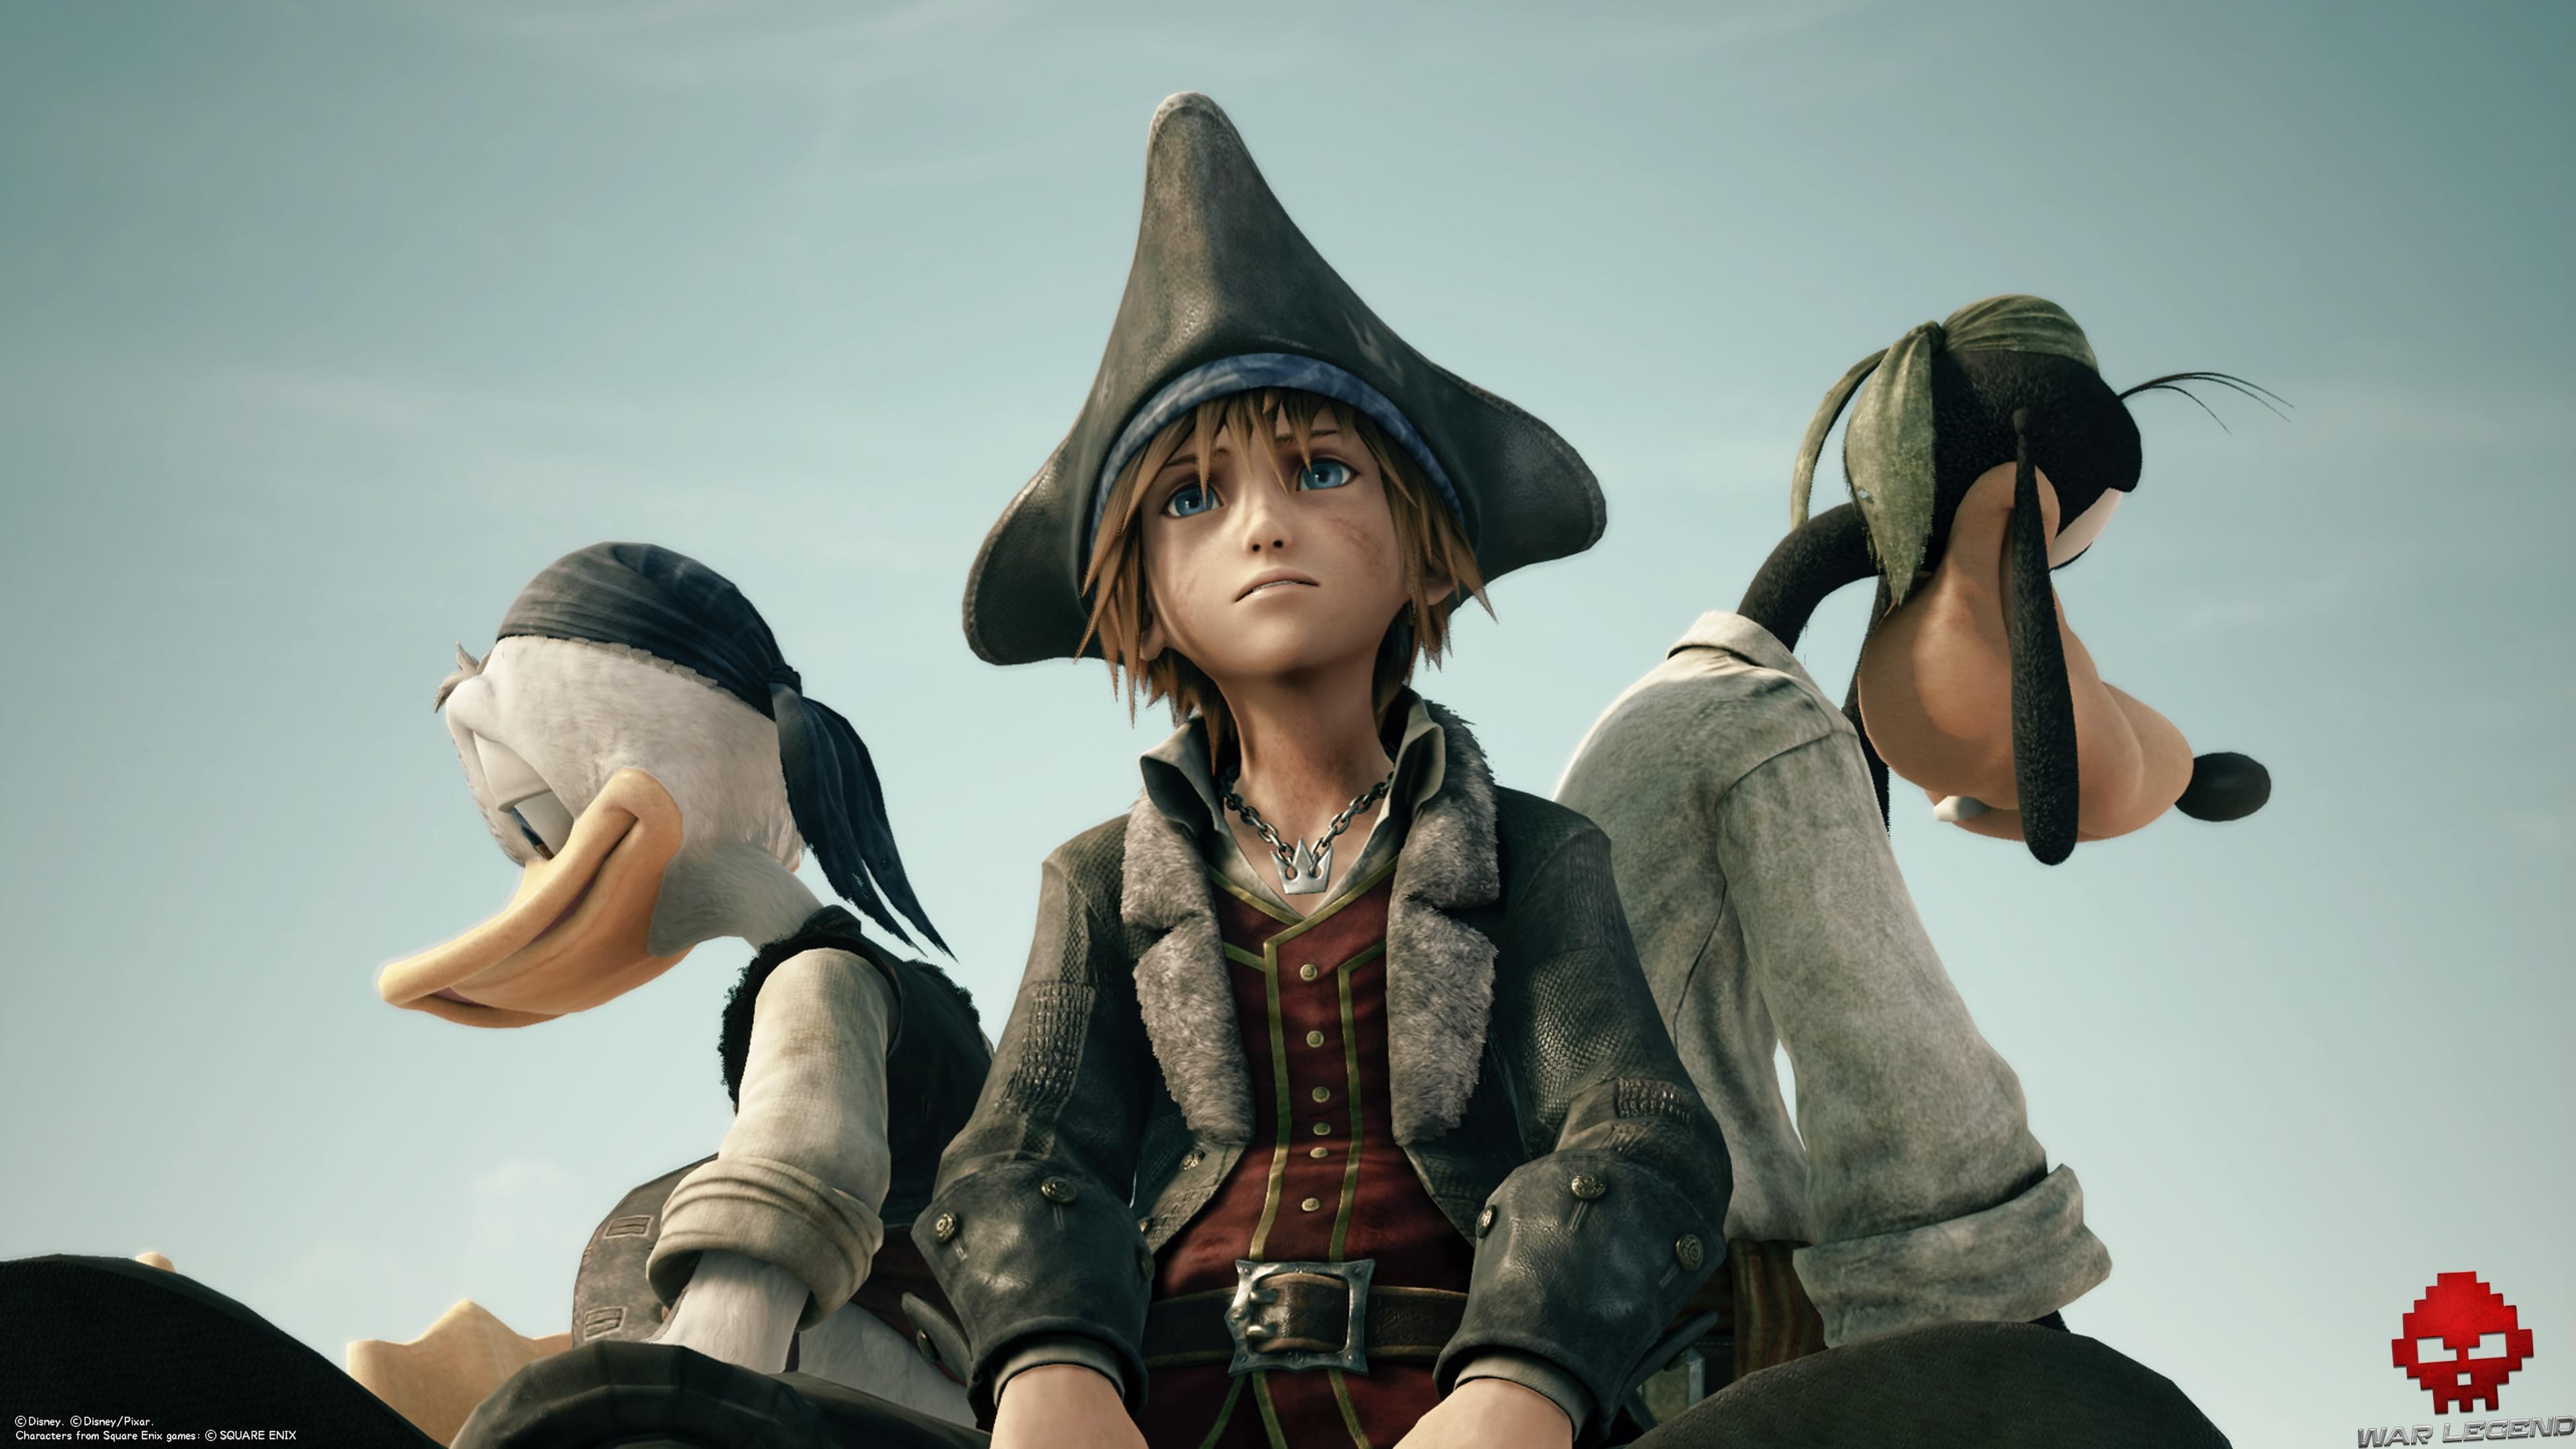 Sora, Donald et Dingo dans leur tenue de pirate